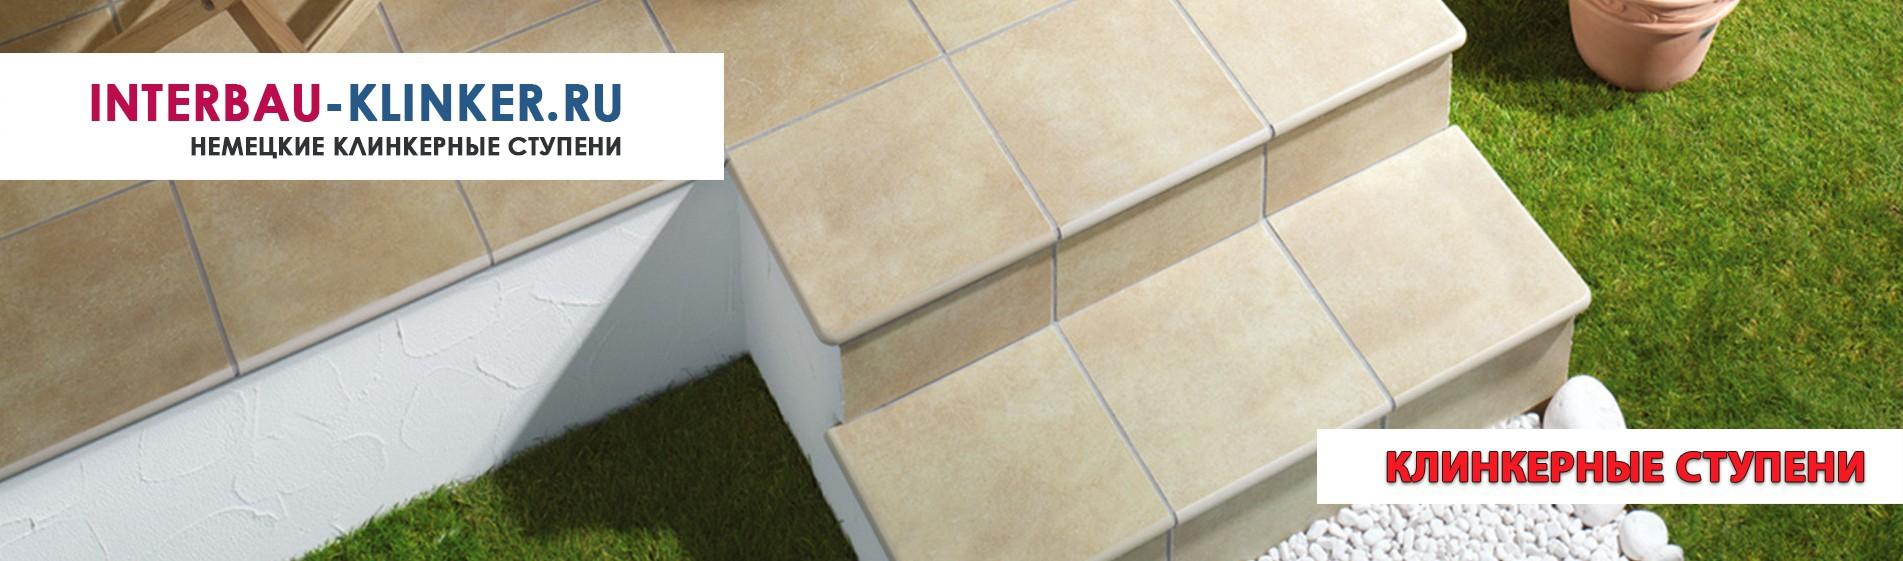 Клинкерные ступени и напольная плитка Interbau